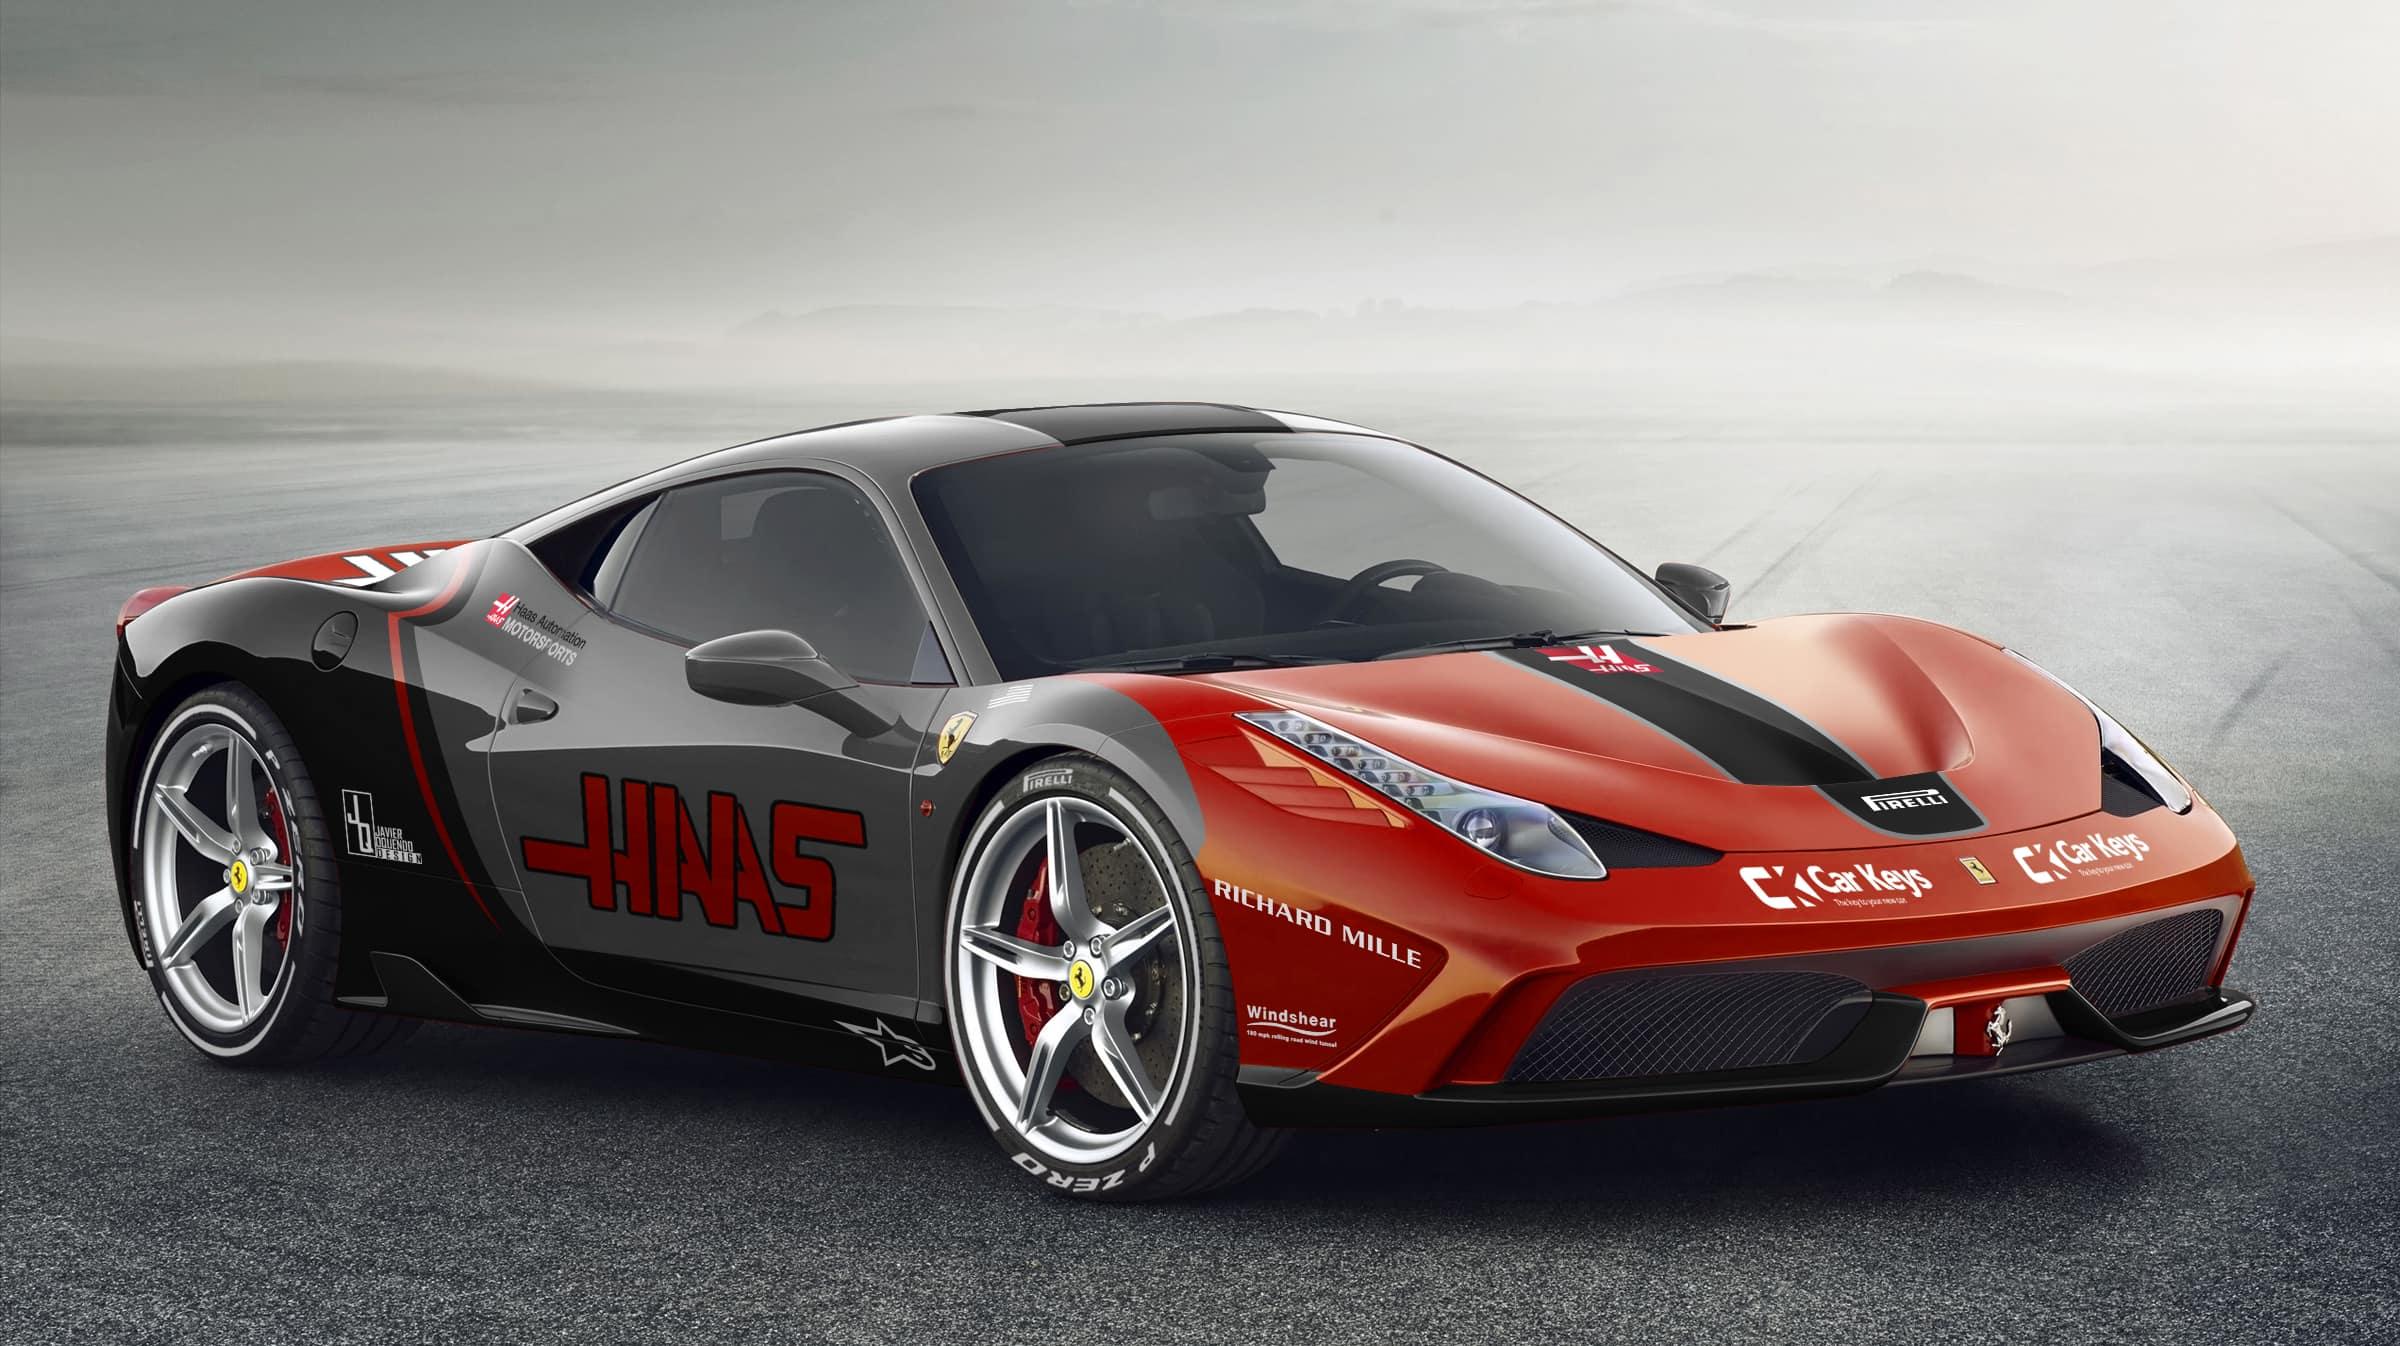 Haas - Ferrari 458 Speciale